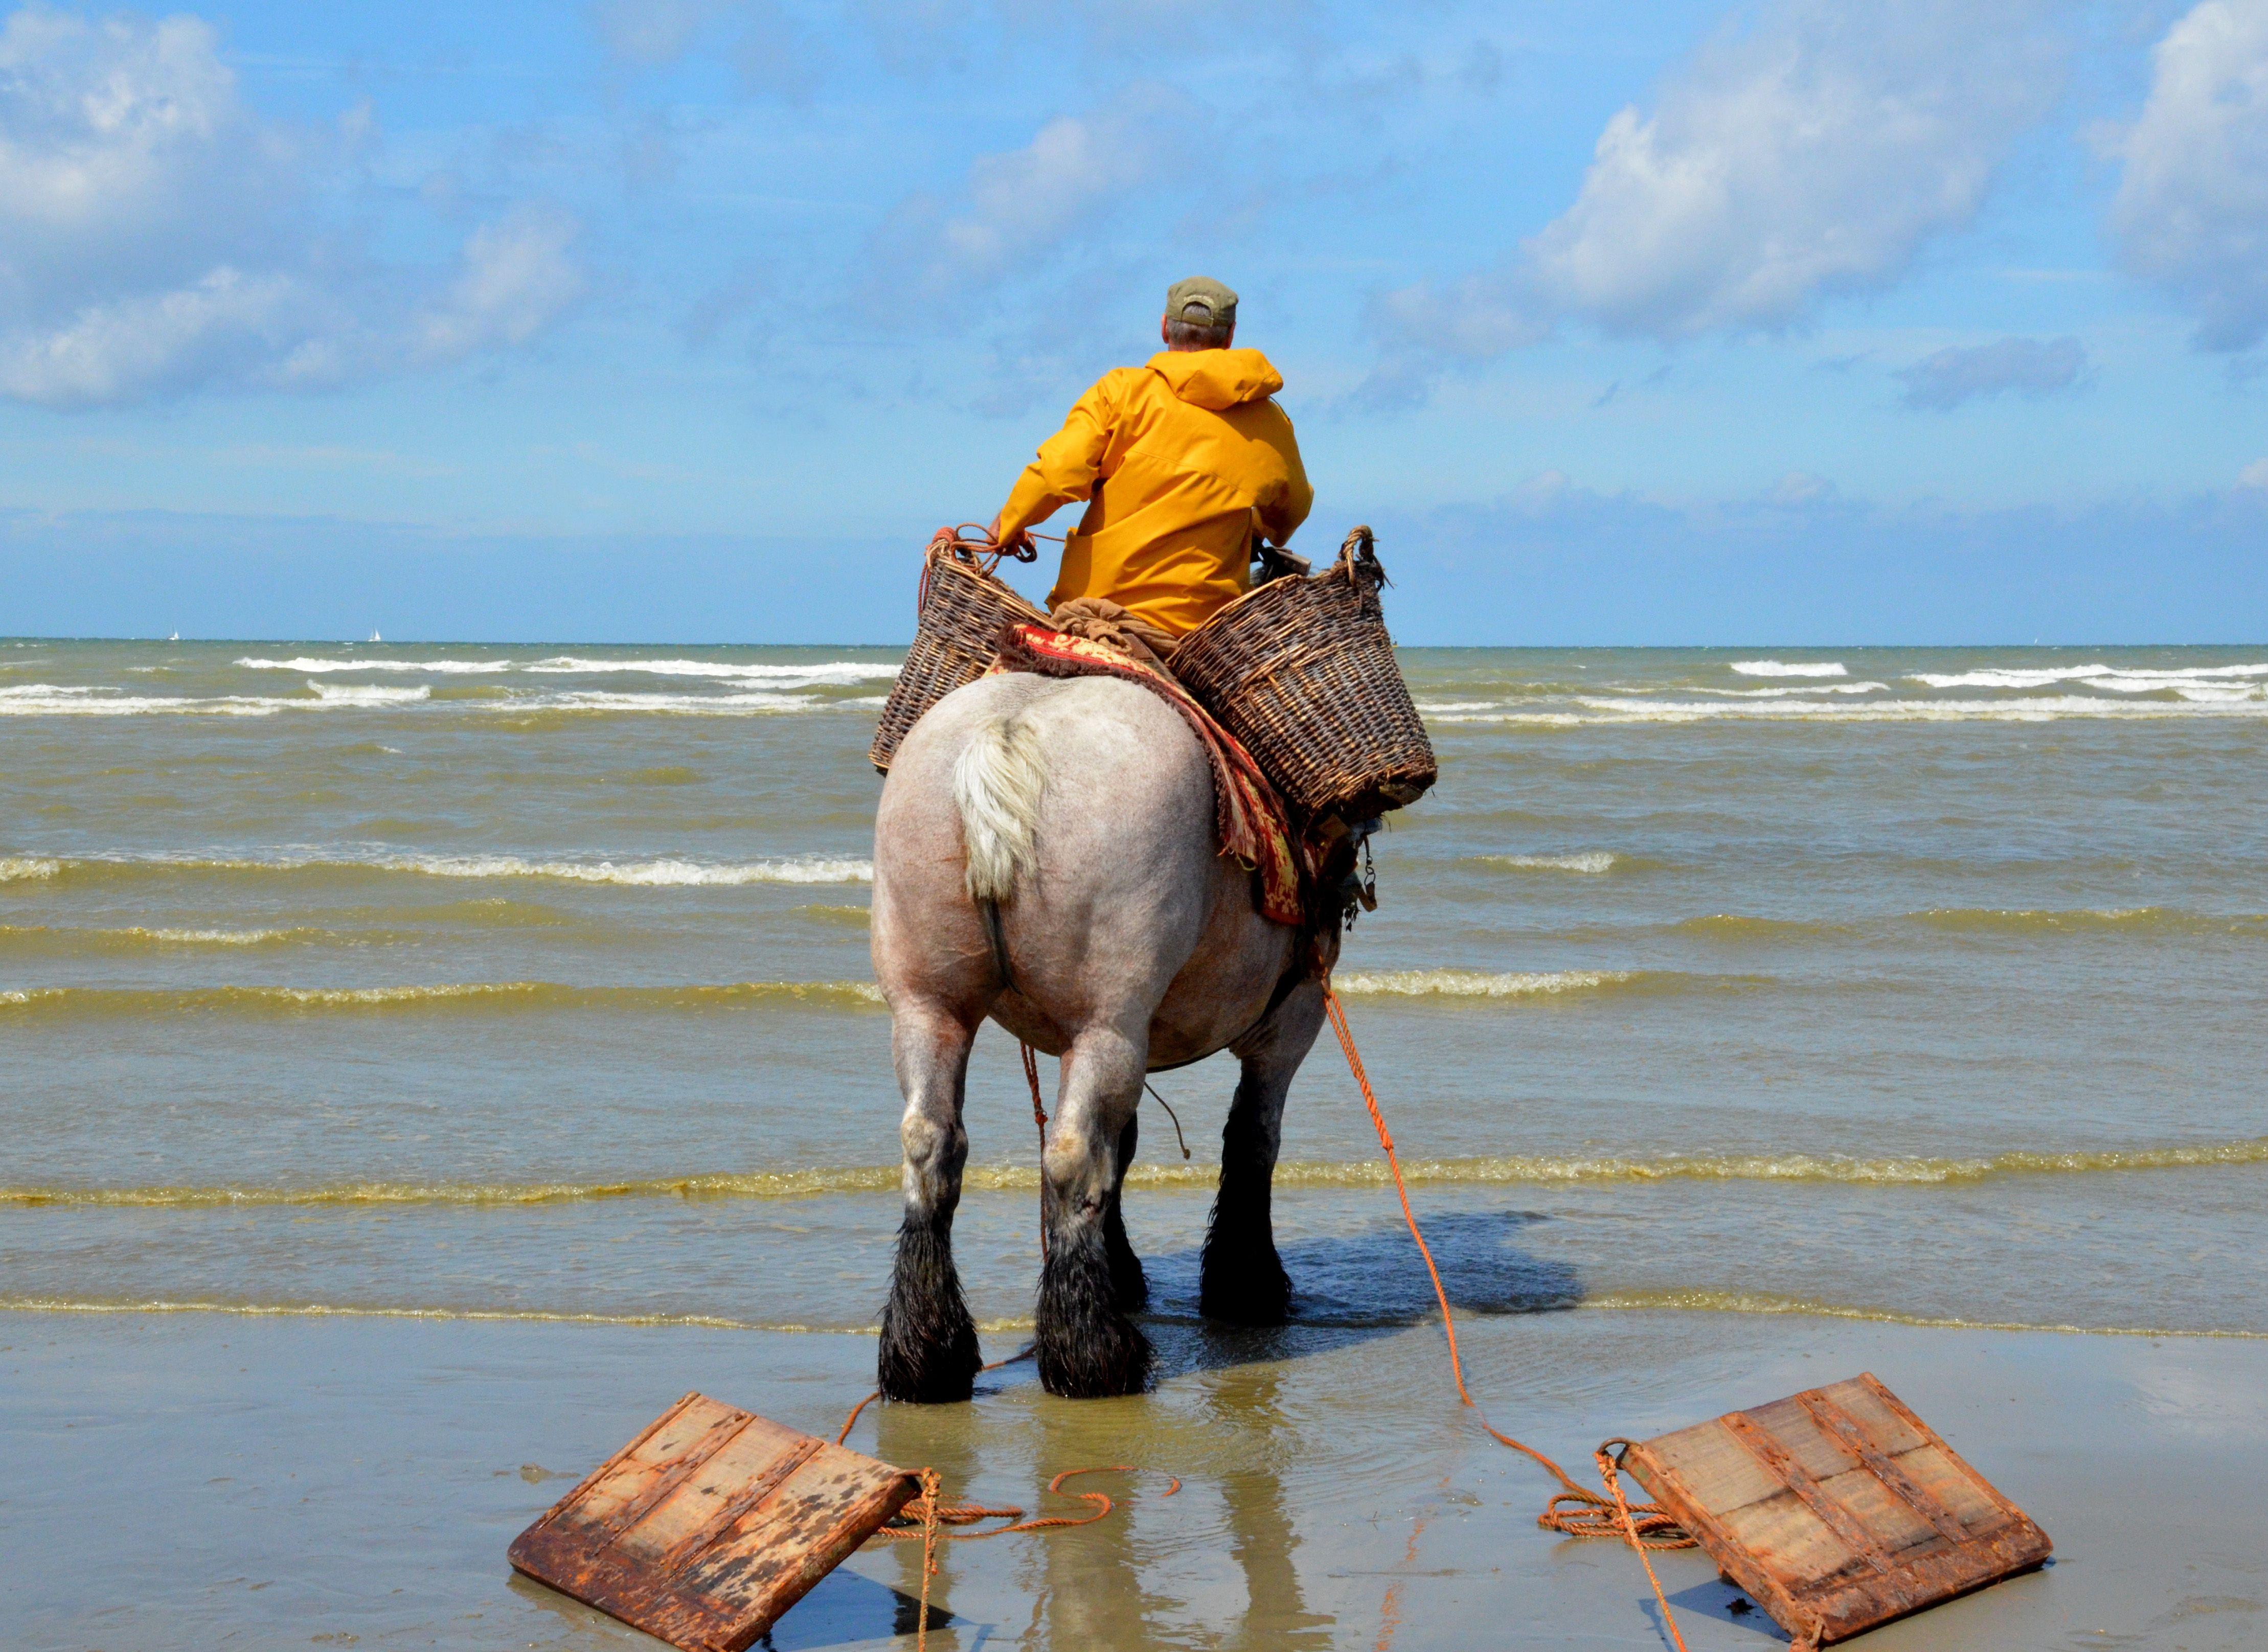 Pêche de crevette à cheval à Coxyde, désormais patrimoine immatériel de l'UNESCO